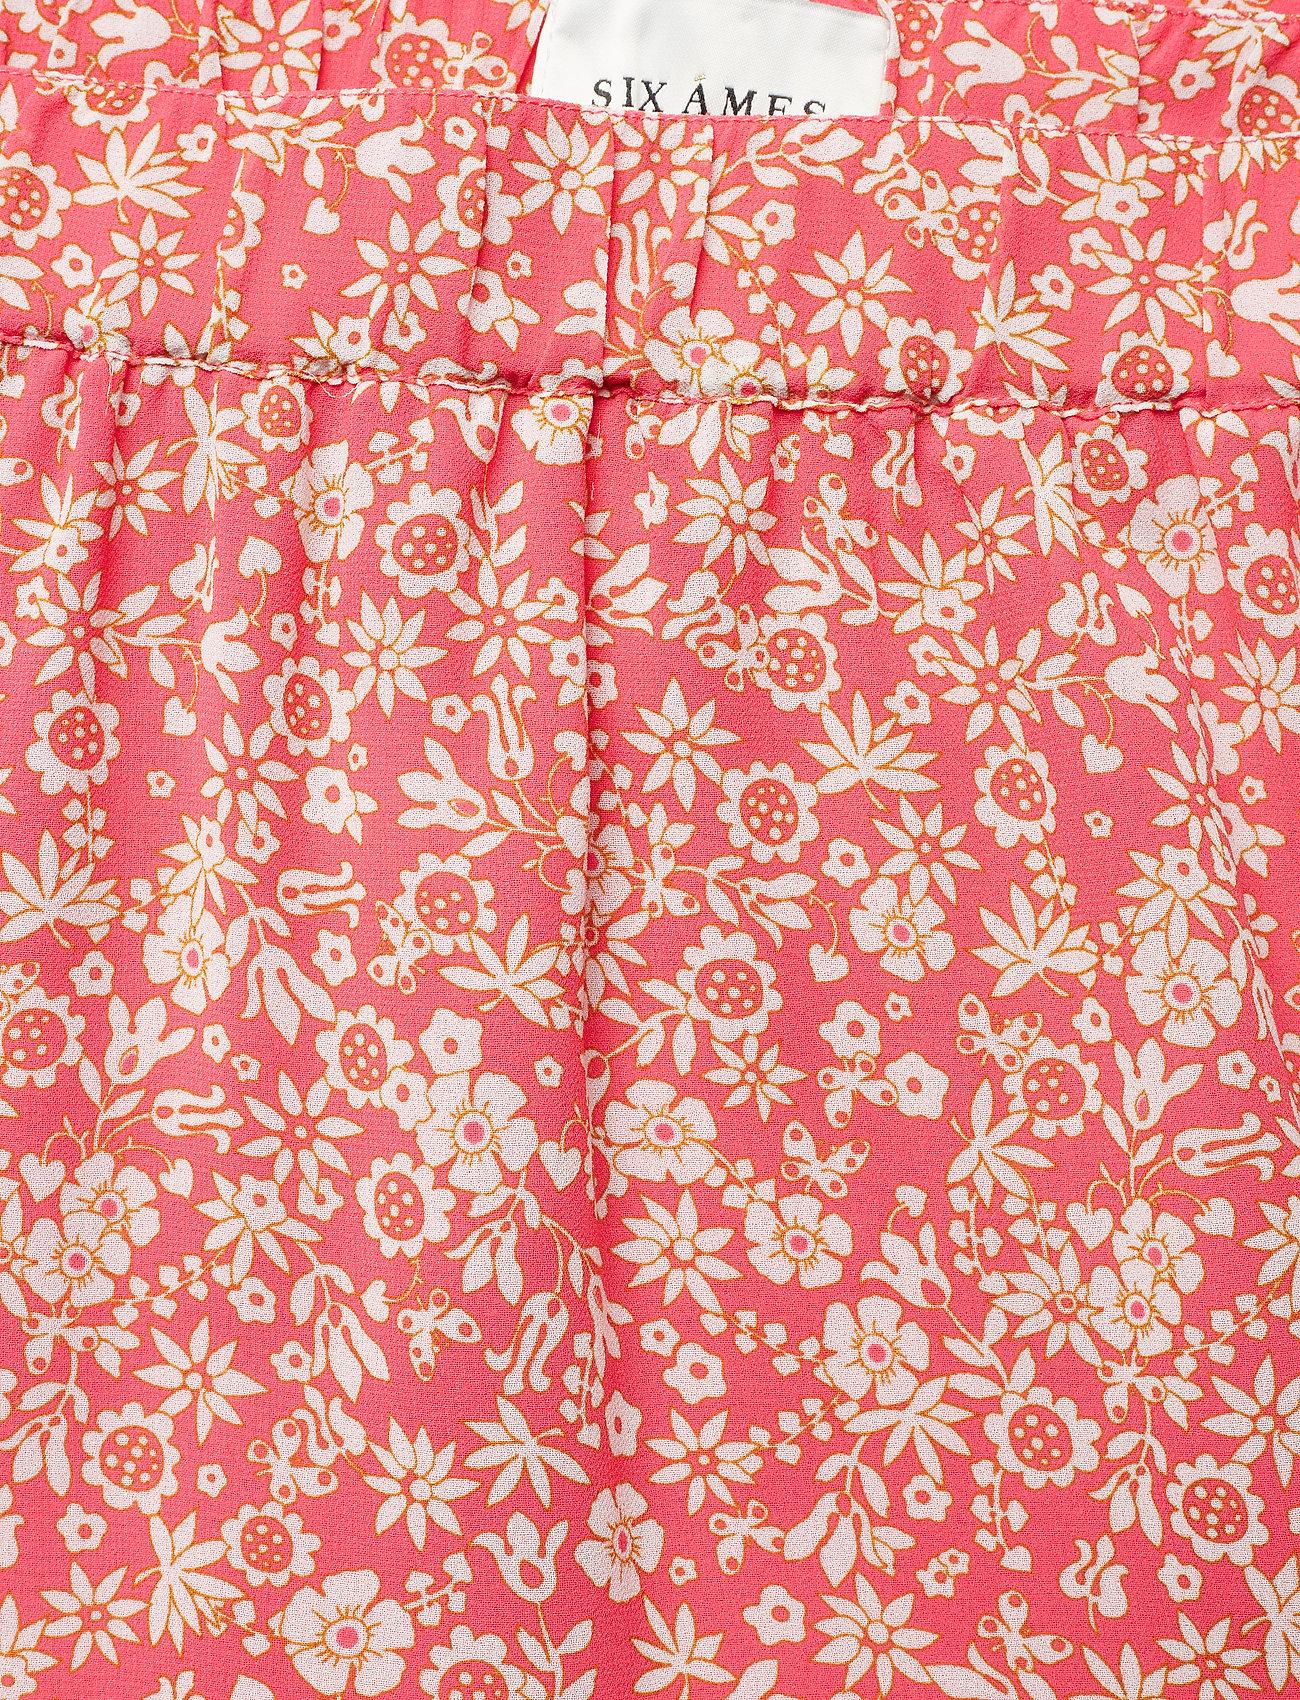 Joyvintage Ames FlowerSix Ames Joyvintage Joyvintage FlowerSix FlowerSix Joyvintage Ames FlowerSix Ames kXPiZu